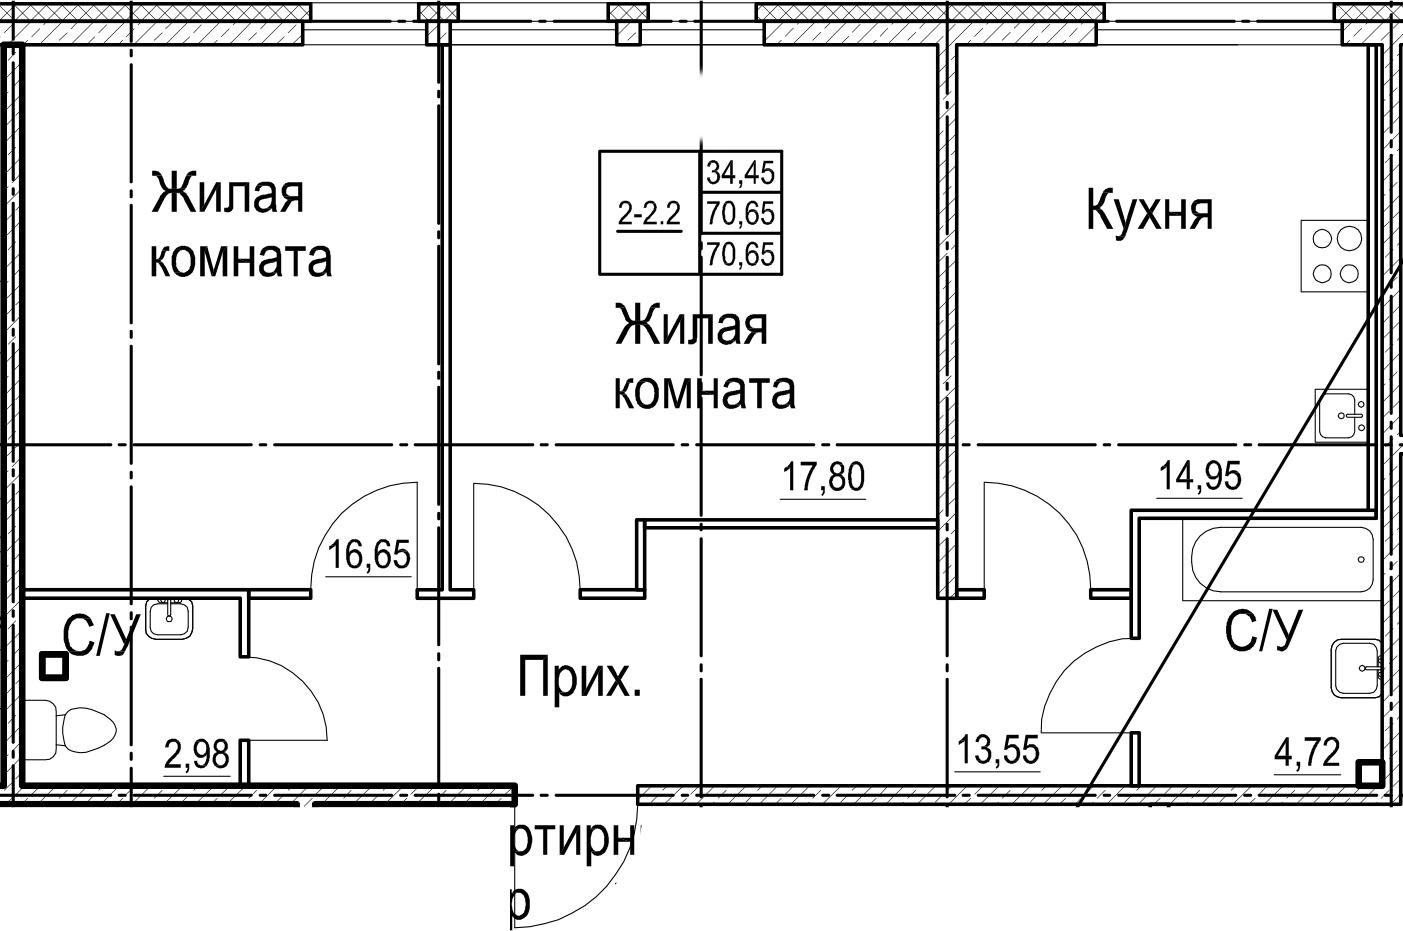 2-к.кв, 70.65 м², 2 этаж